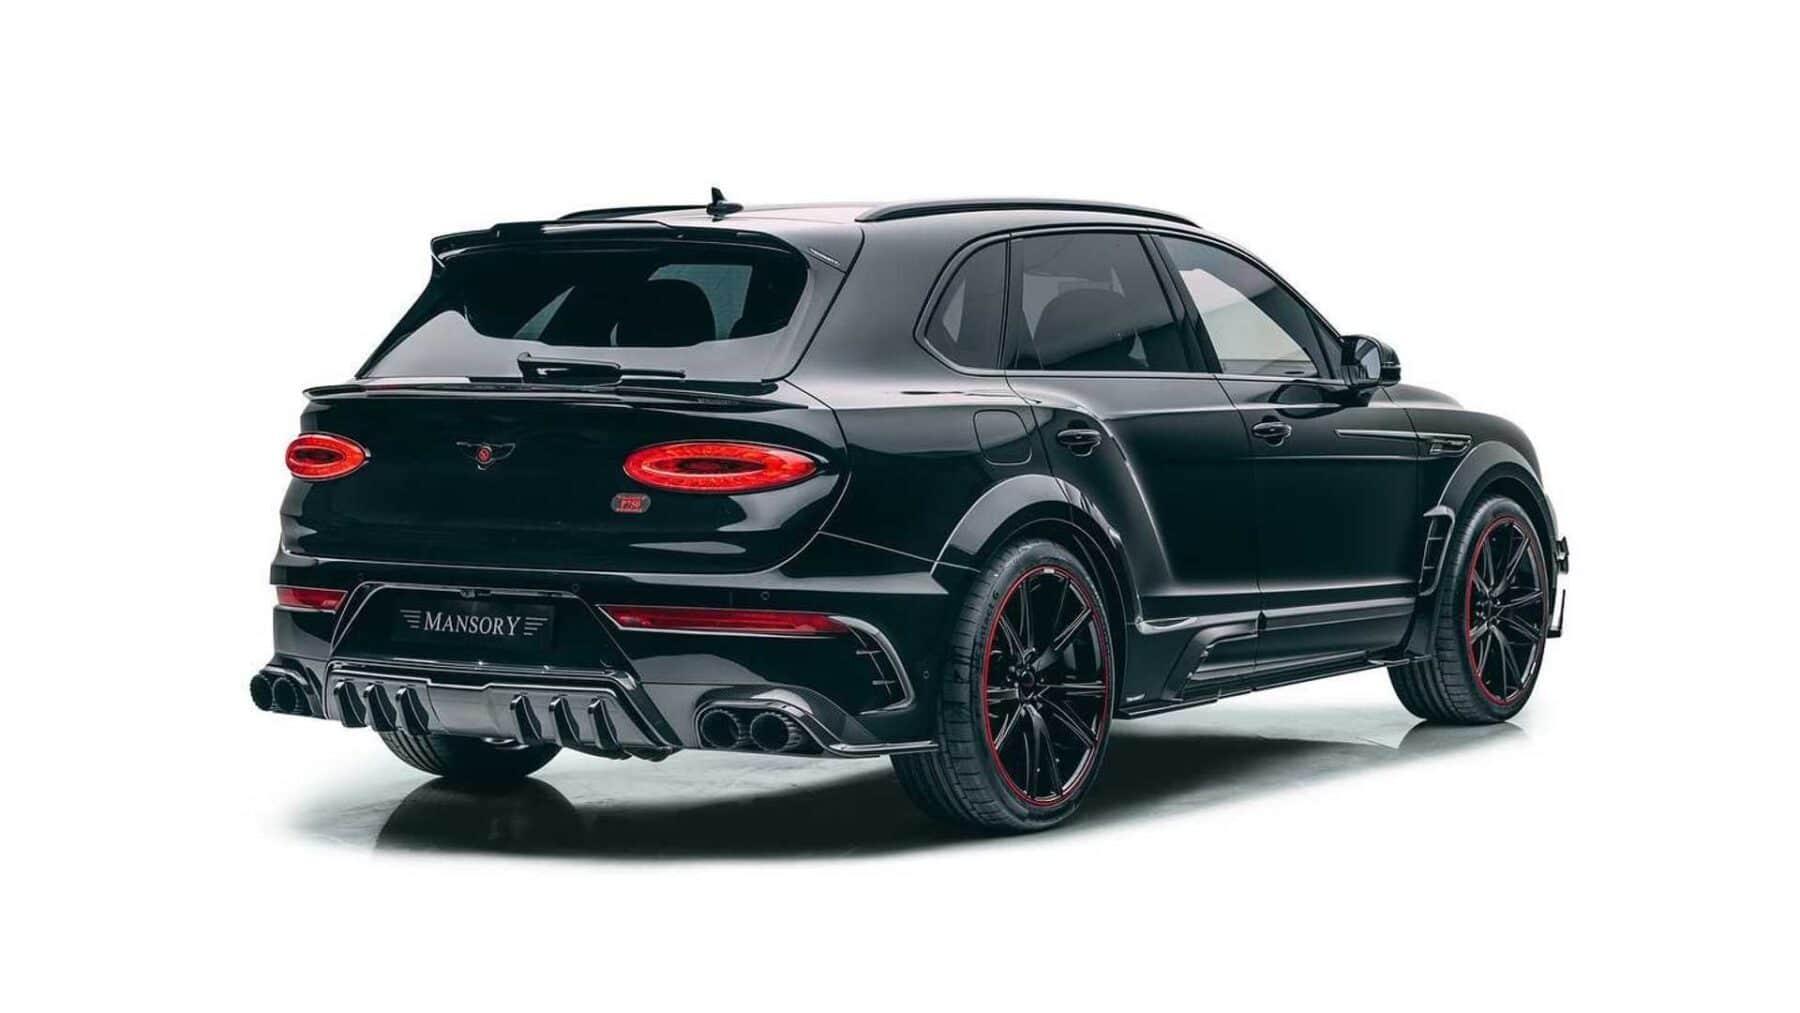 Zaga Bentley Bentayga de Mansory